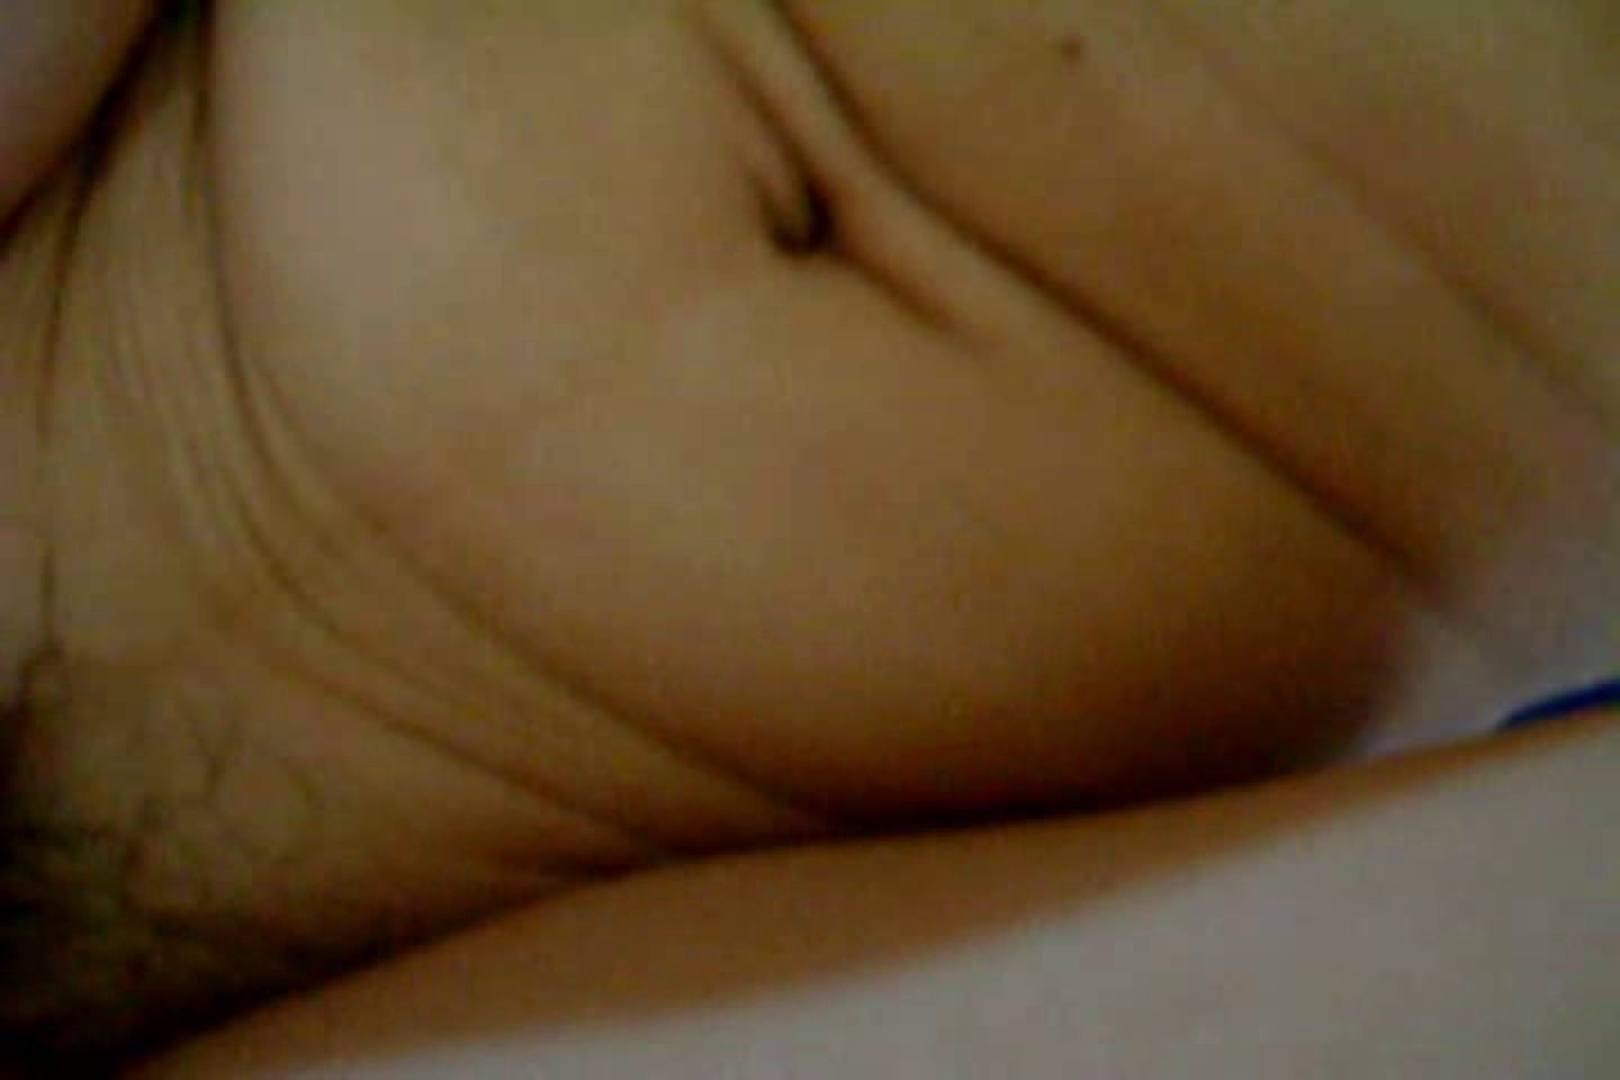 ウイルス流出 鹿児島県庁職員 中瀬瀬久成の流出ビデオ 流出作品 | 0  101画像 87